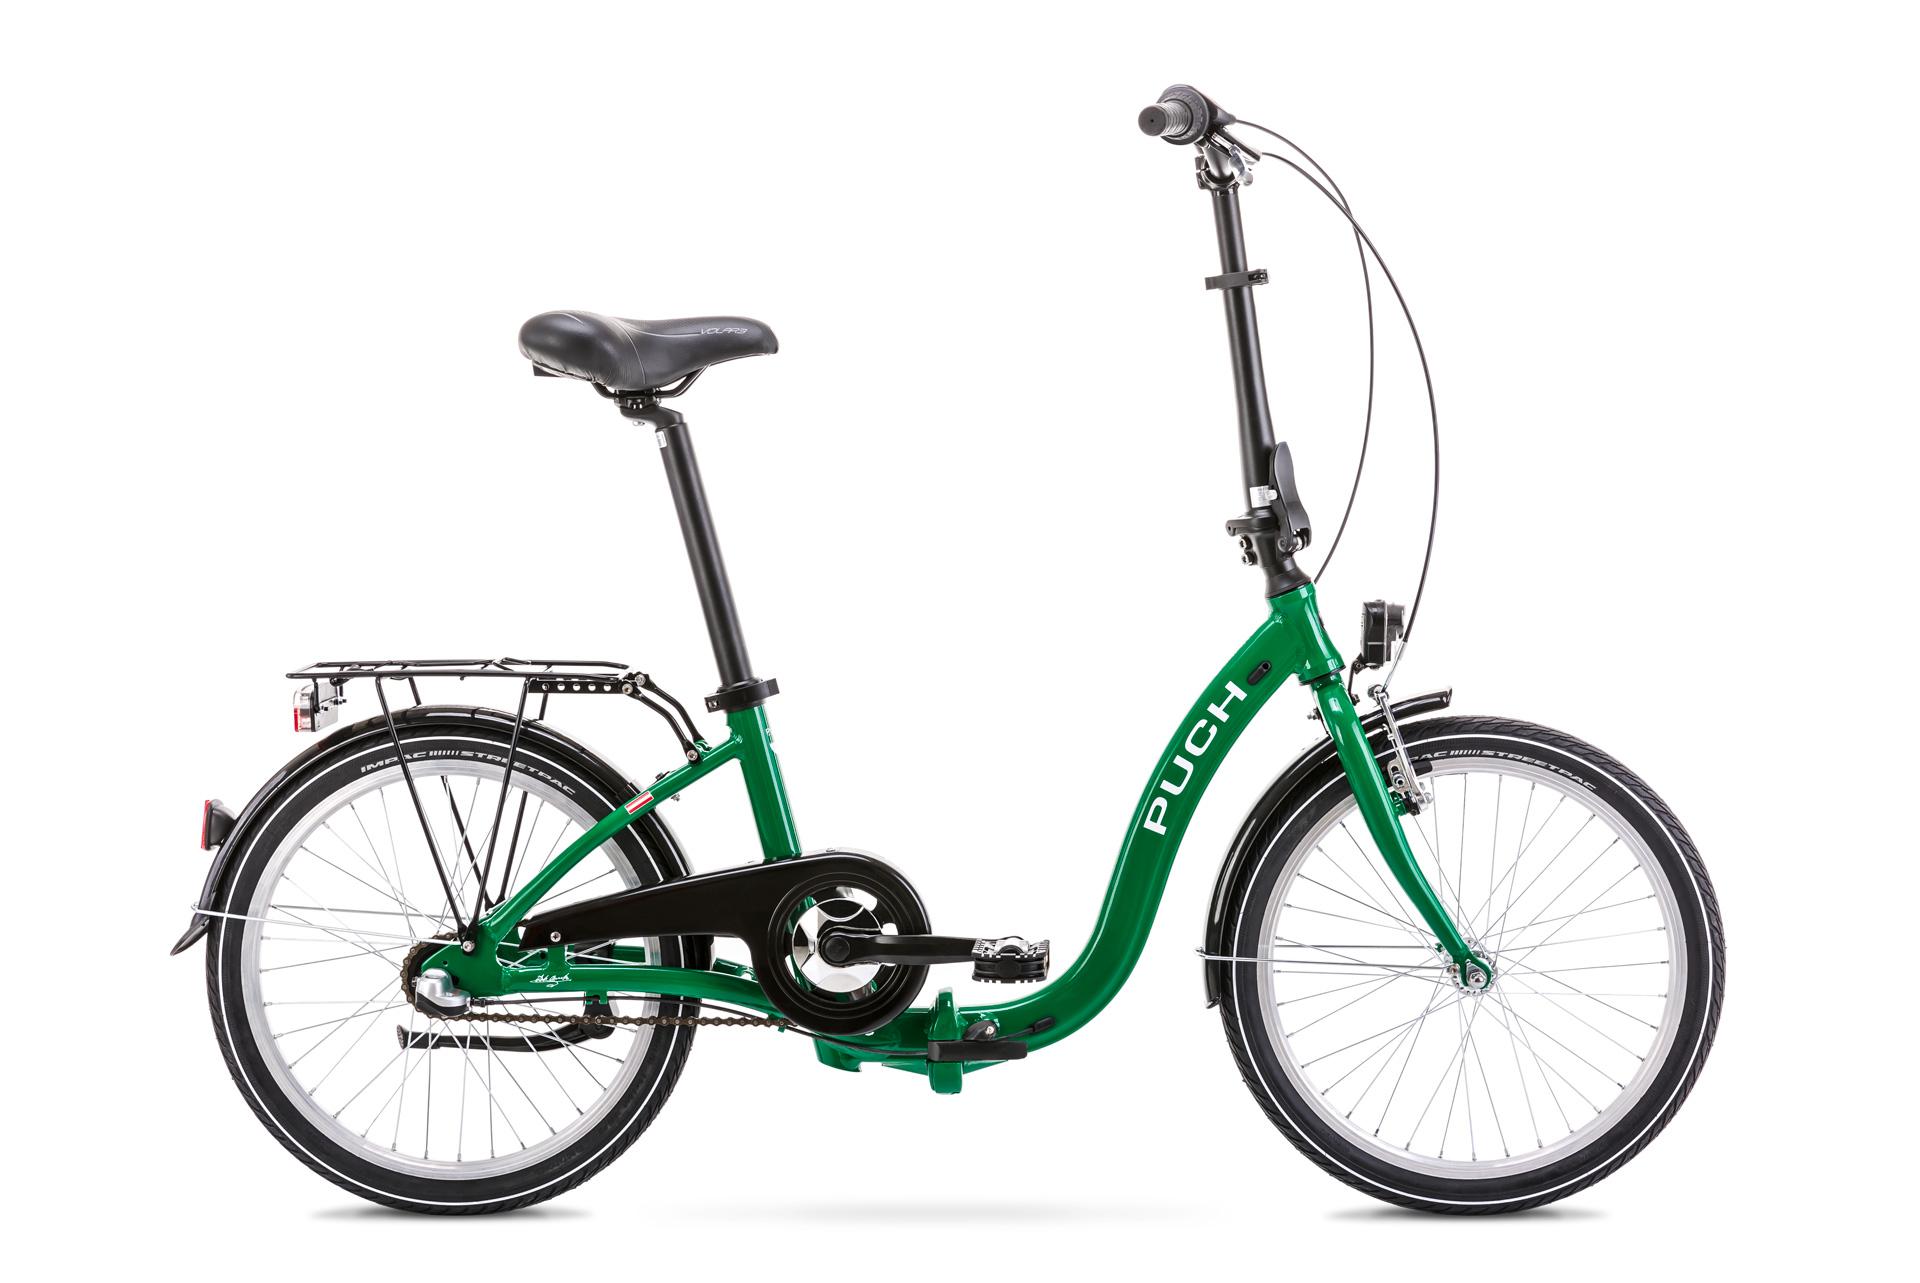 Klapprad Reiserad Urban Mobilität Camping Puch Bikes